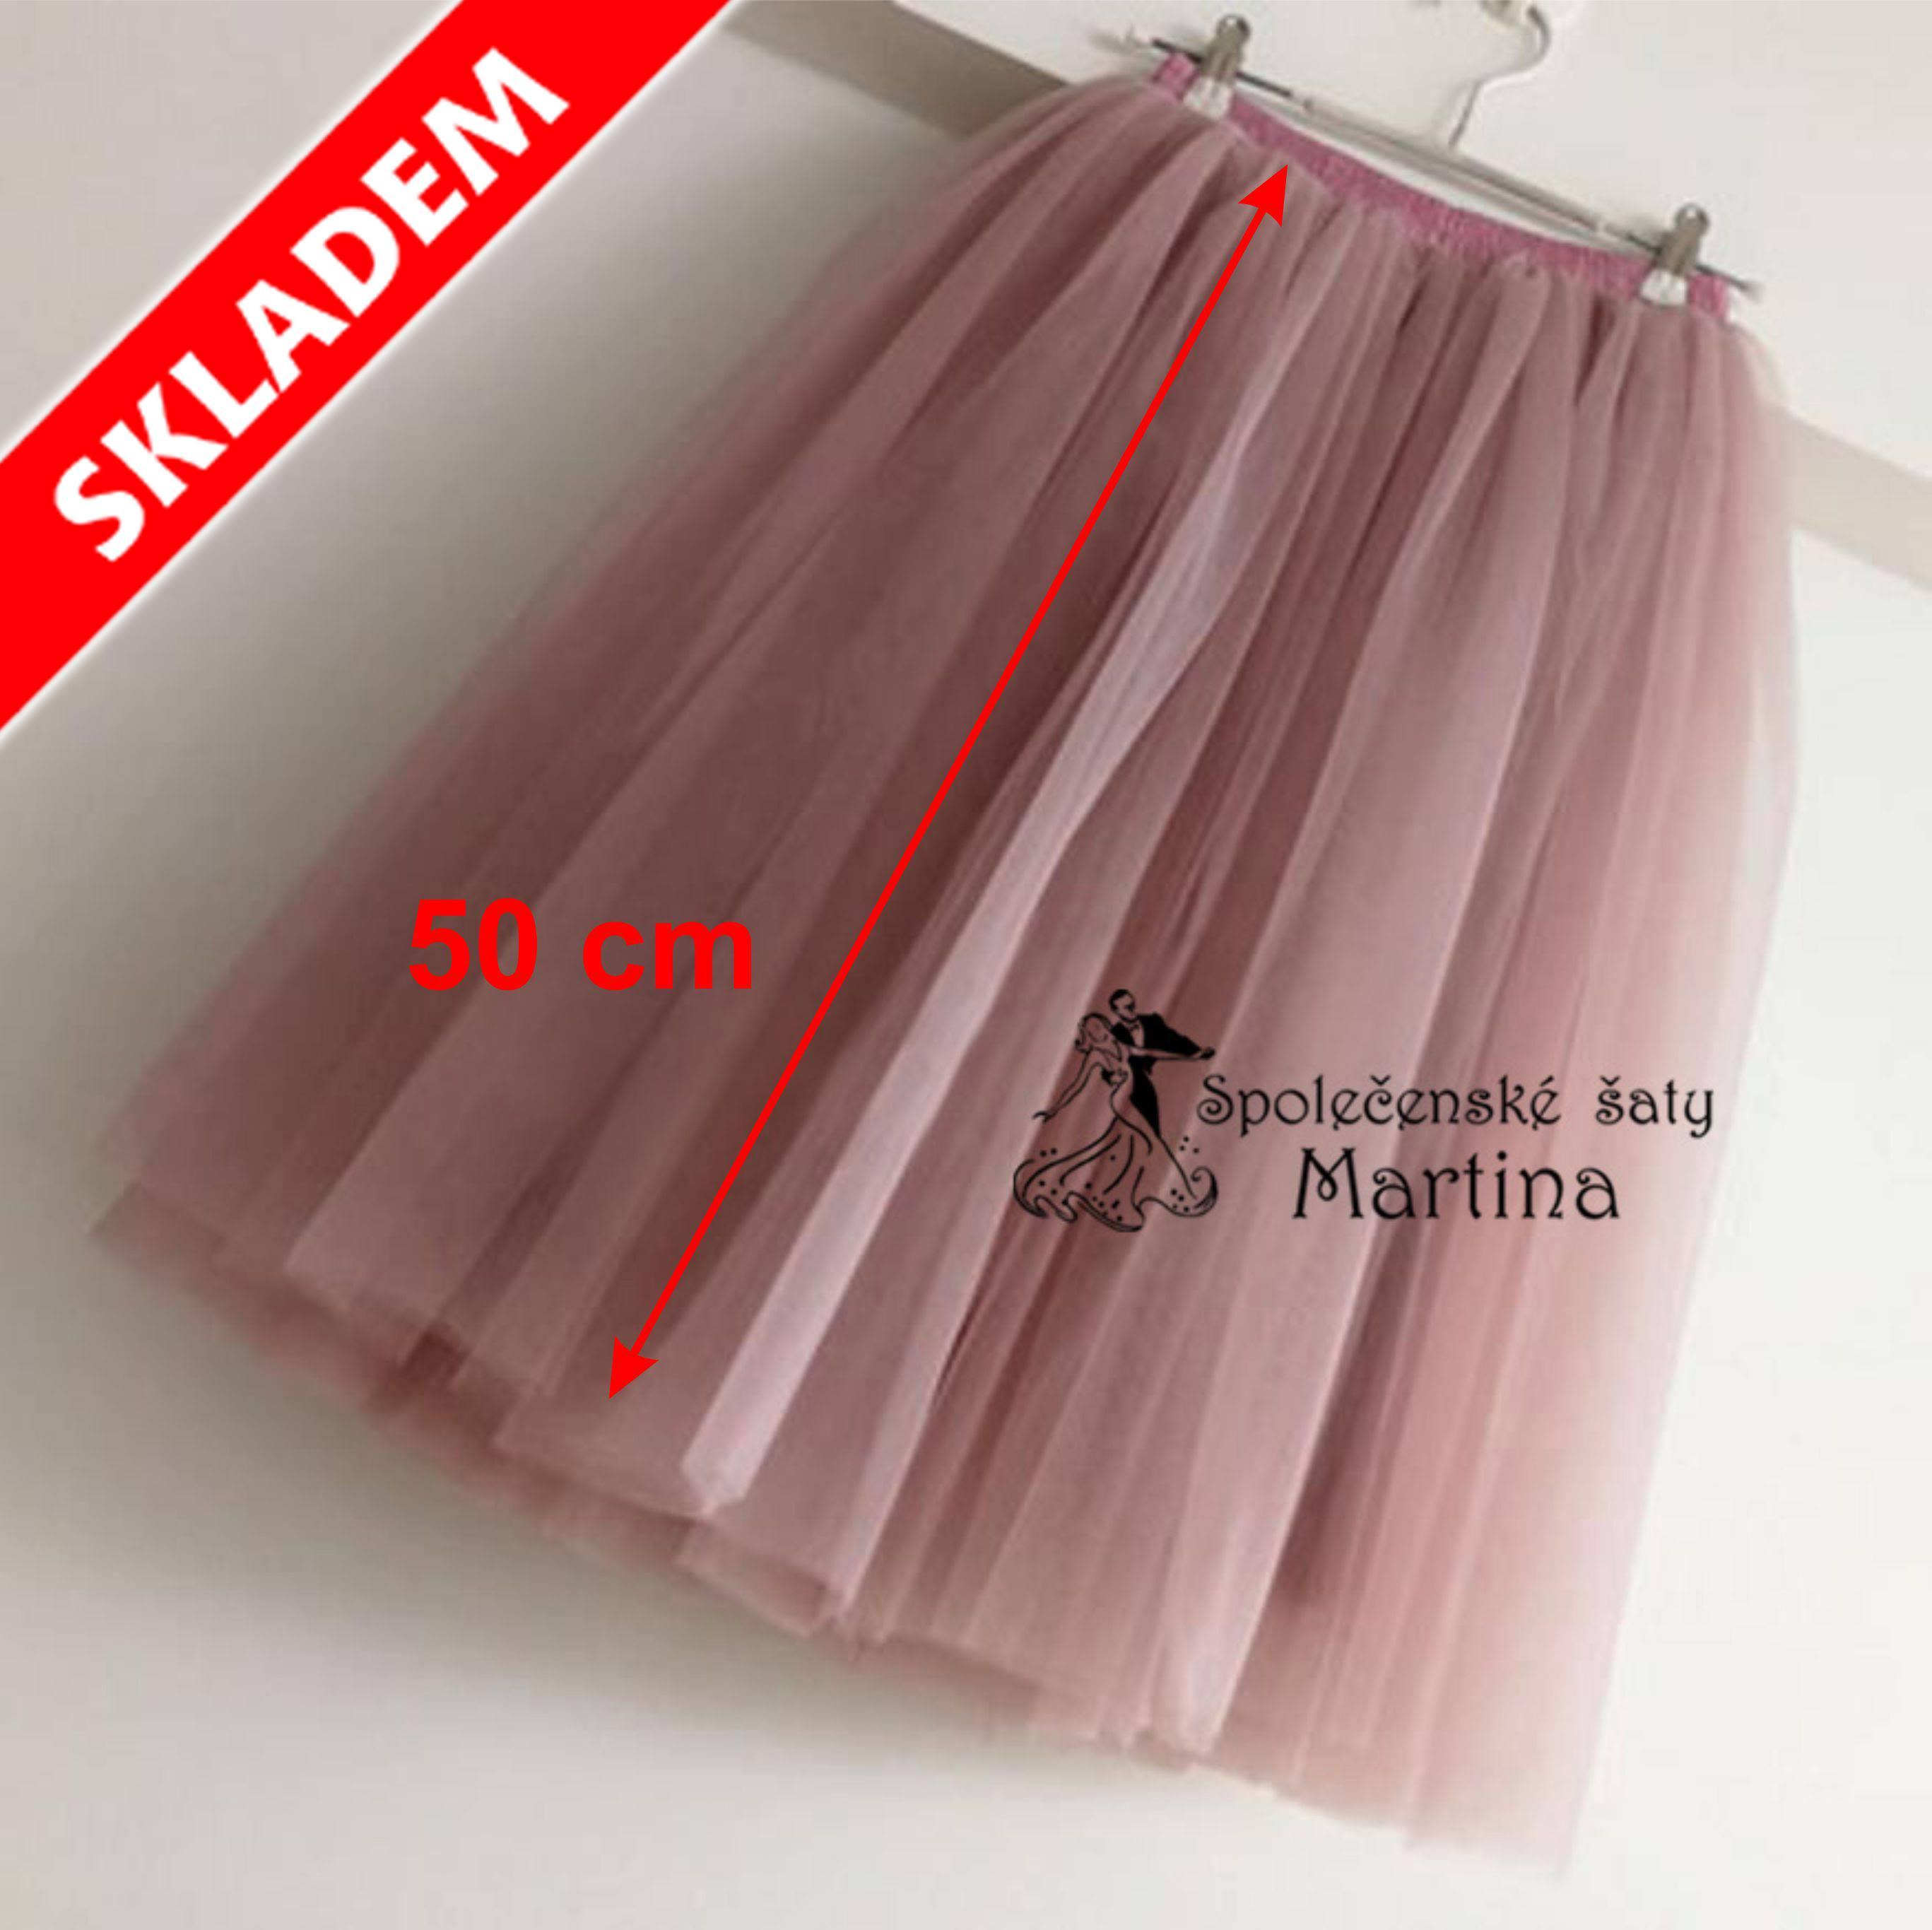 7-vrstvá tylová sukně - 50 cm  9f65b477b5